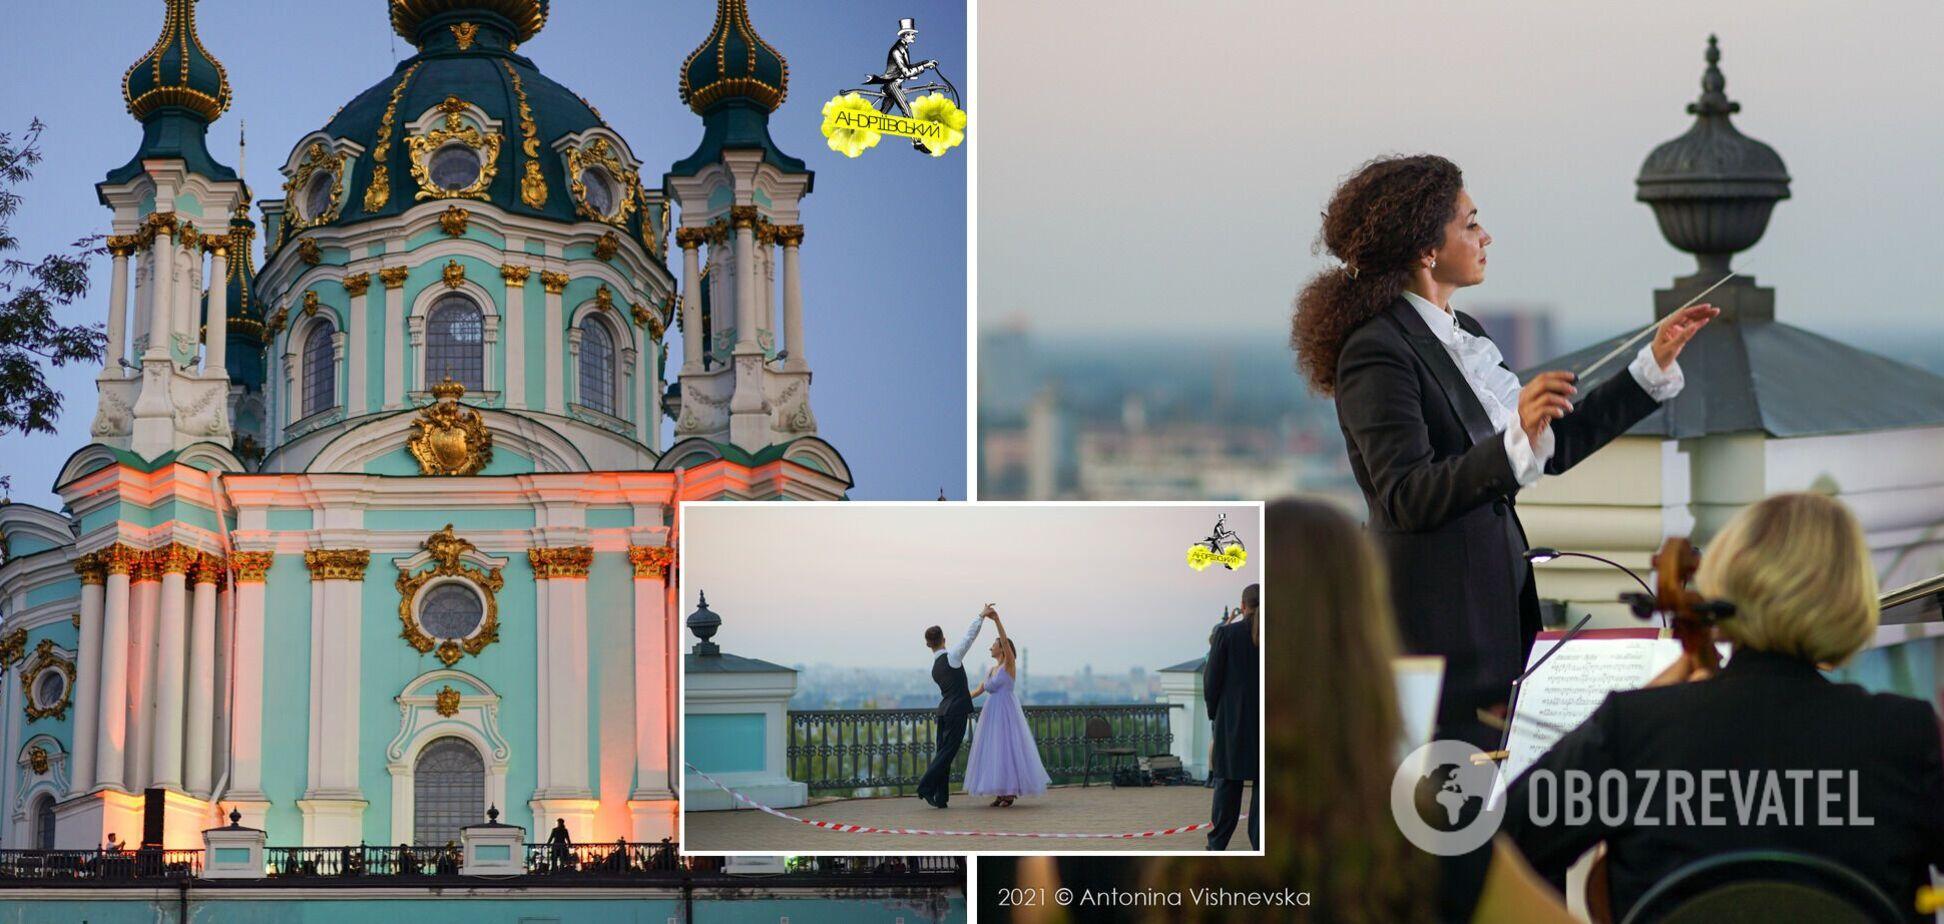 У Києві відбулося святкування дня народження Андріївського узвозу